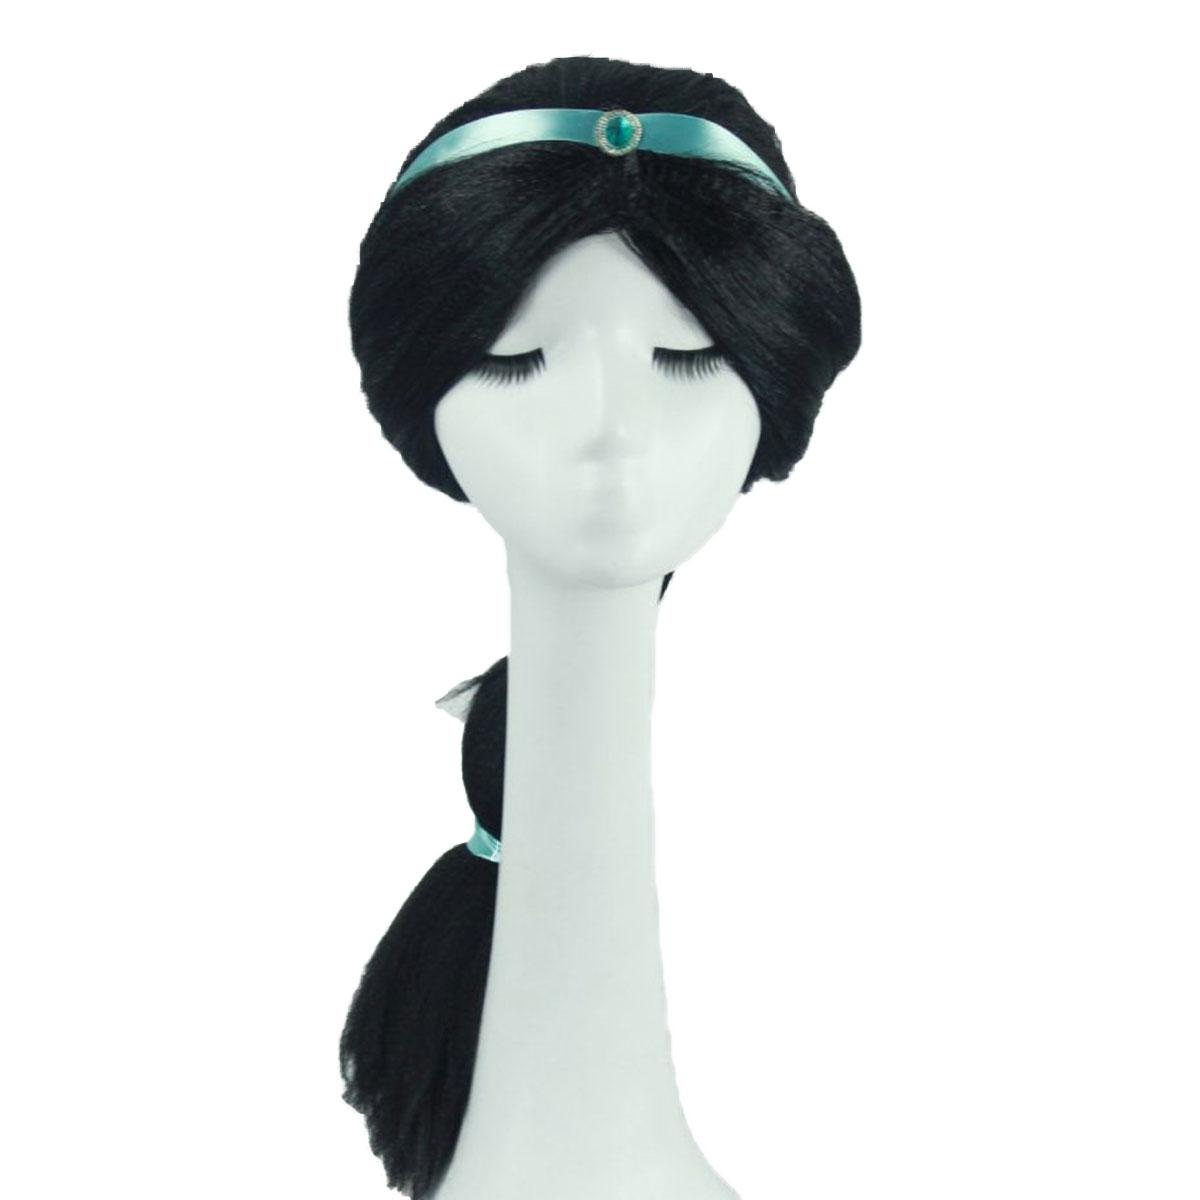 アラジン 大規模セール プリンセス ジャスミン 王子 ウィッグ コスプレ アラビアン ロング 鬘 女王 送料無料激安祭 かつら 黒髪 ハロウィン